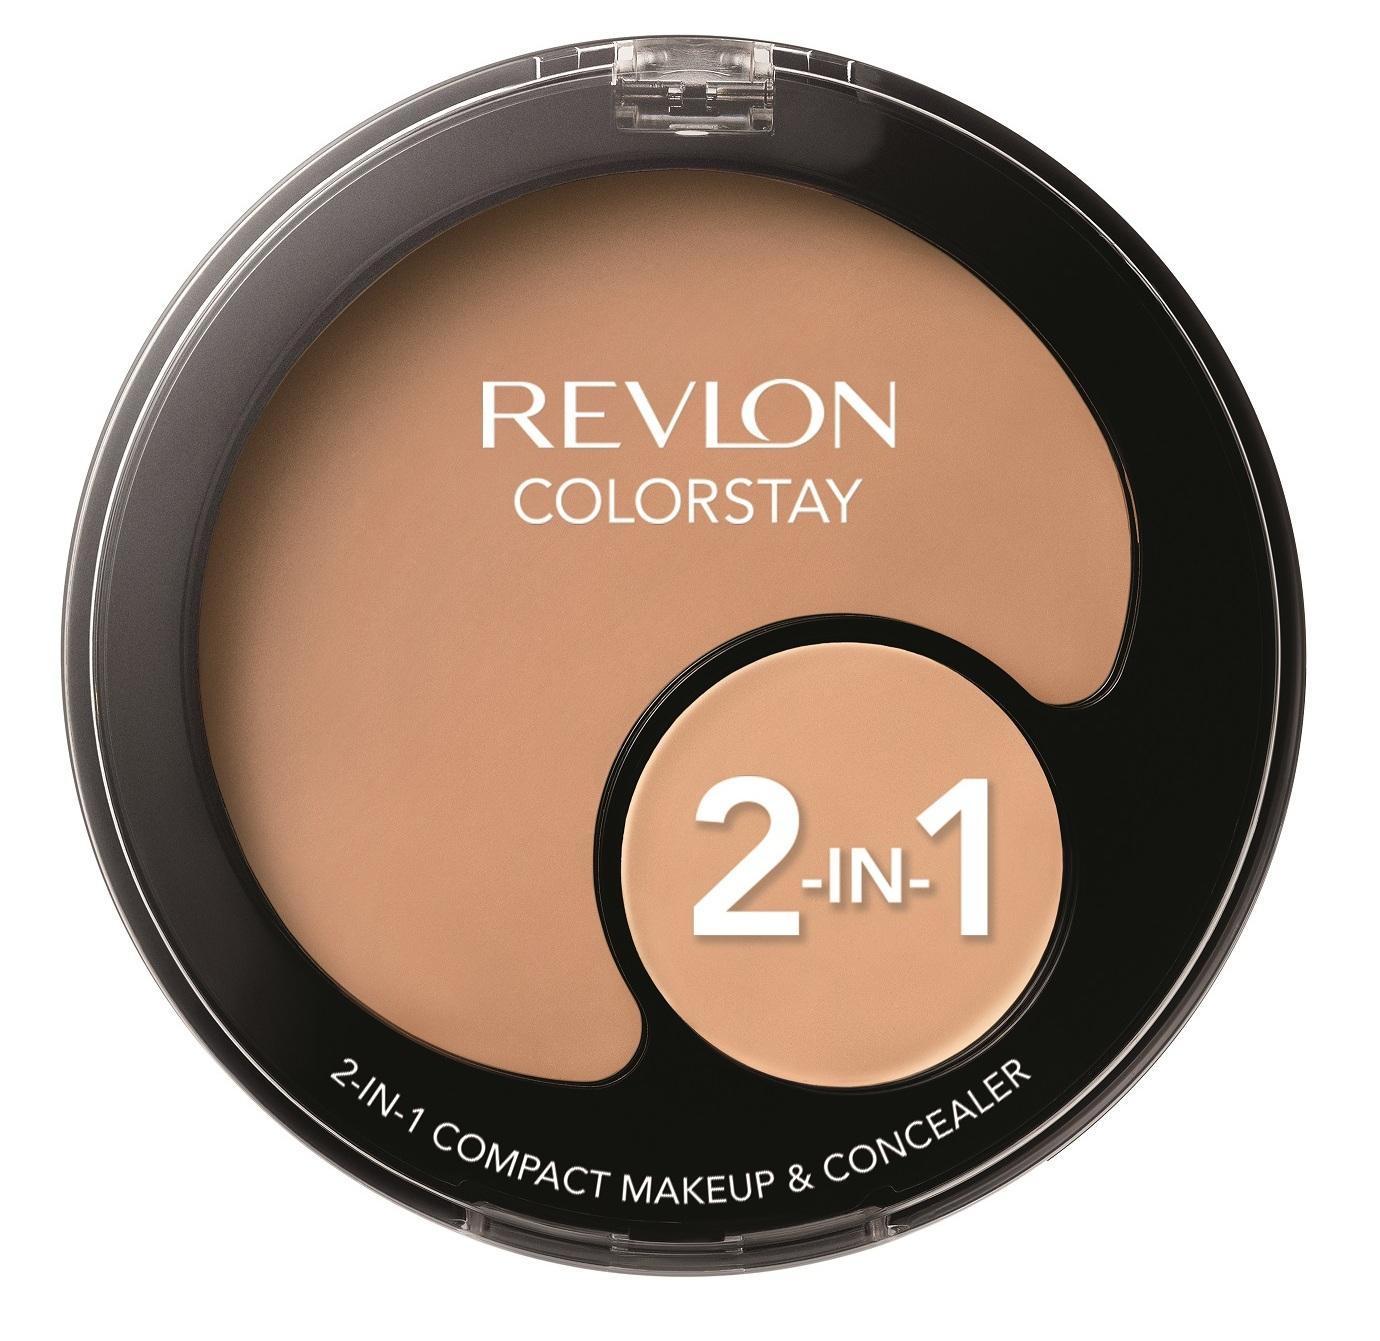 Revlon купить косметика купить евроше косметика